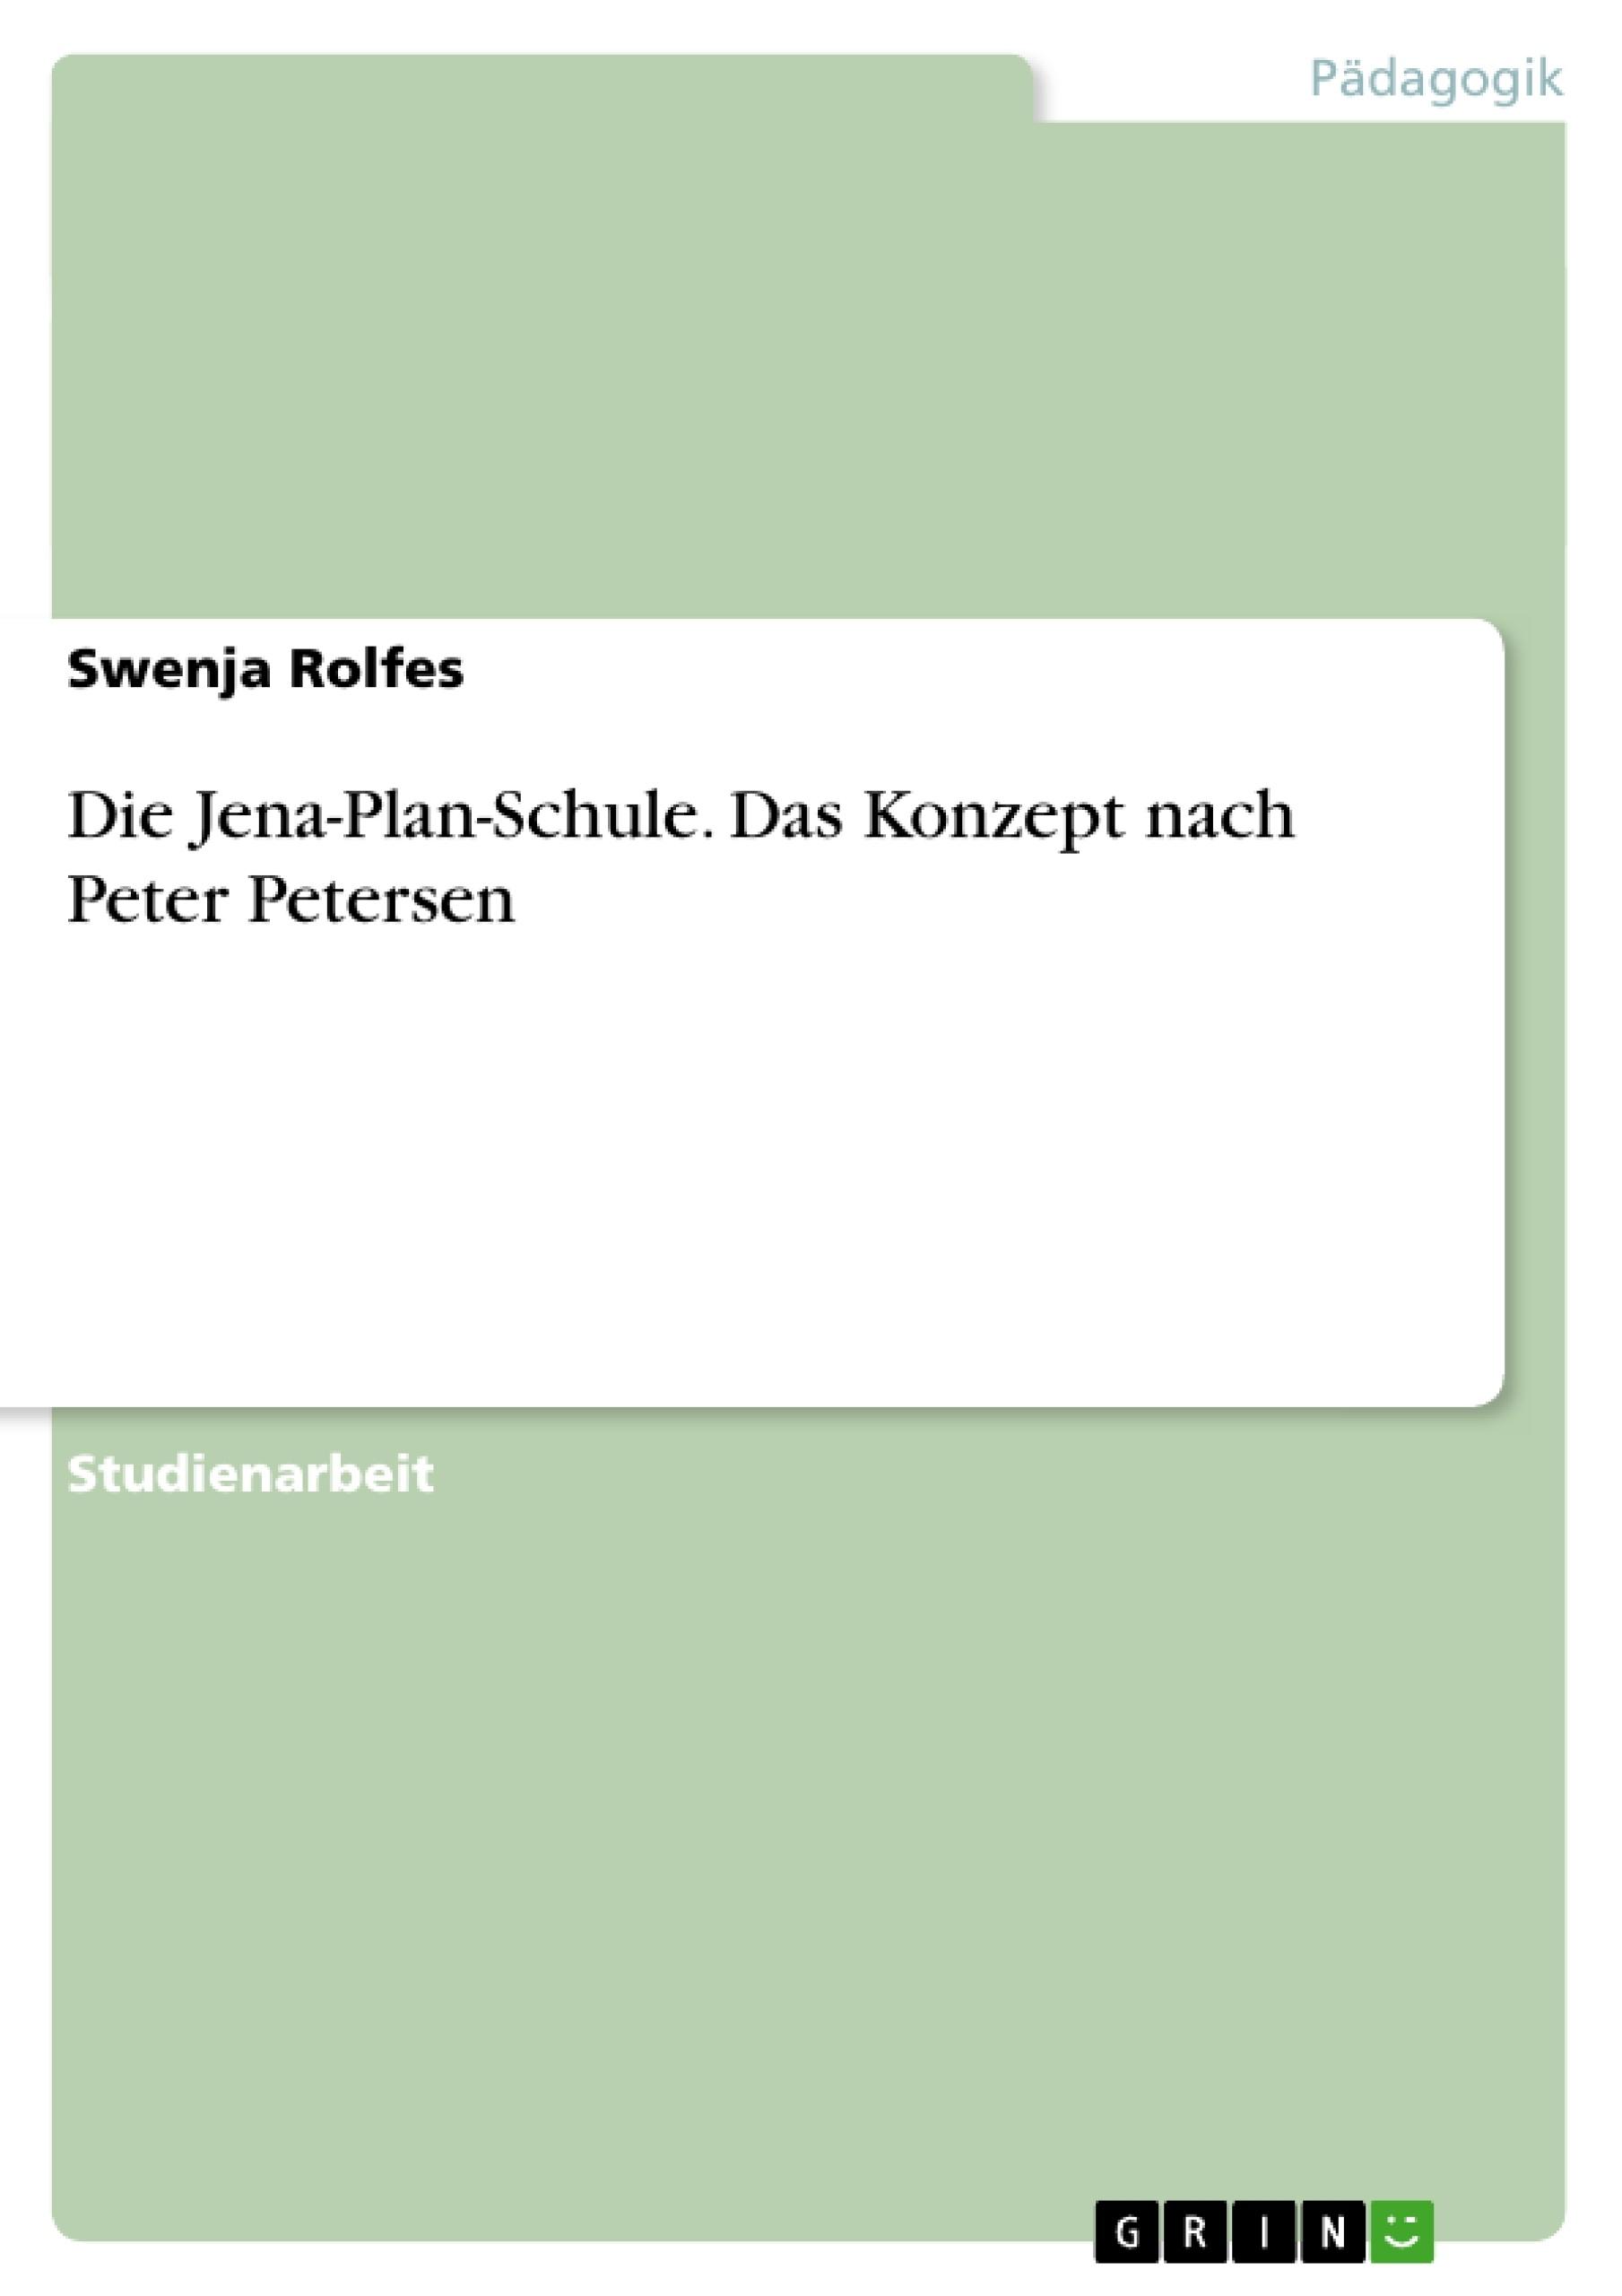 Titel: Die Jena-Plan-Schule. Das Konzept nach Peter Petersen